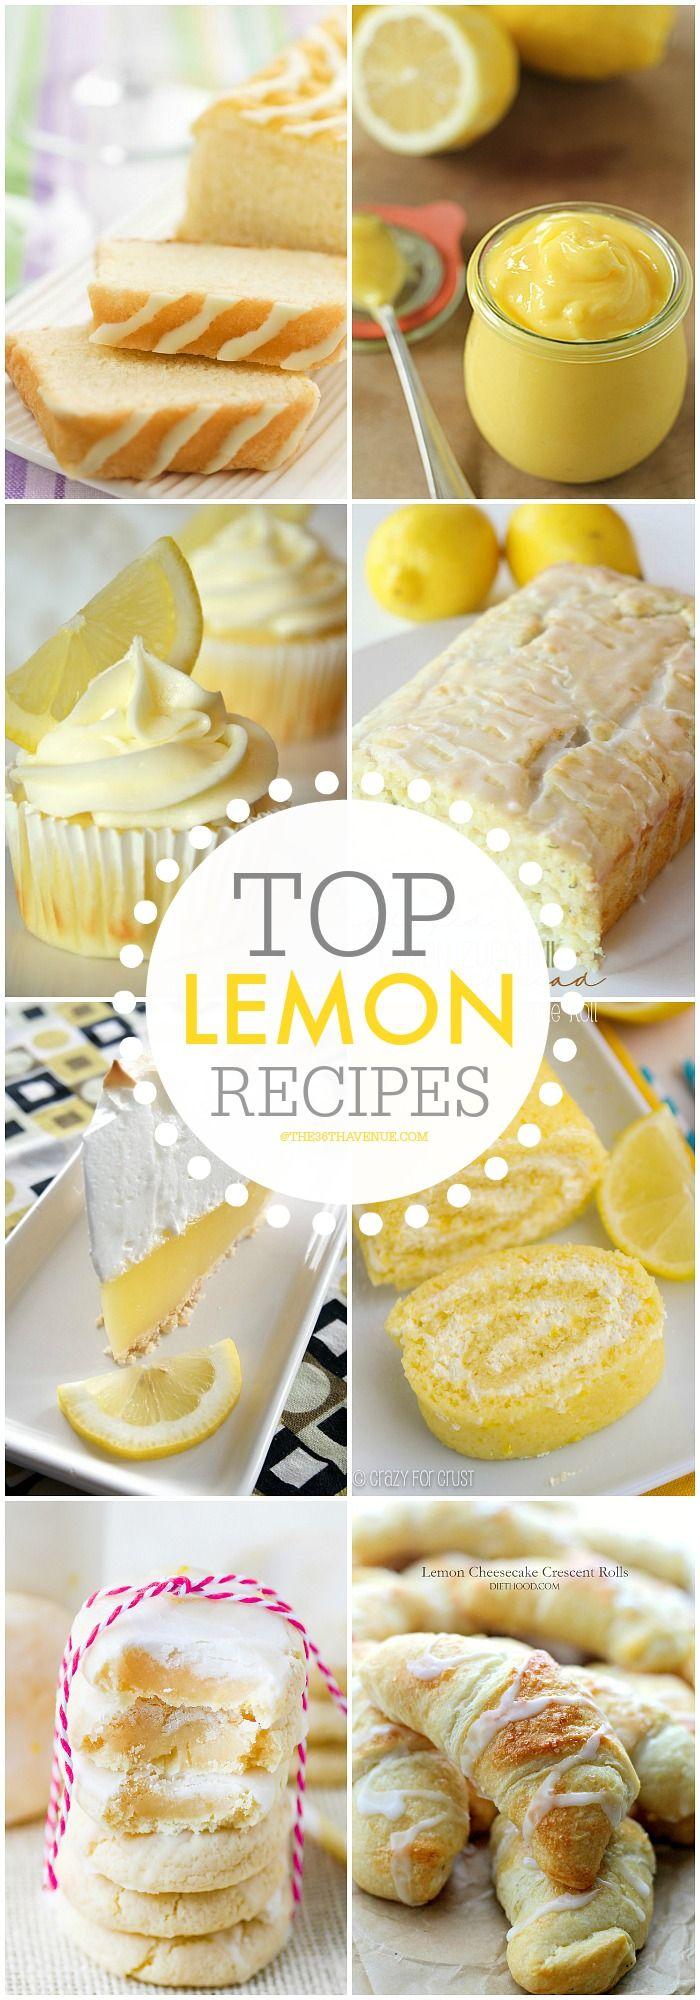 how to make lemon oil for baking